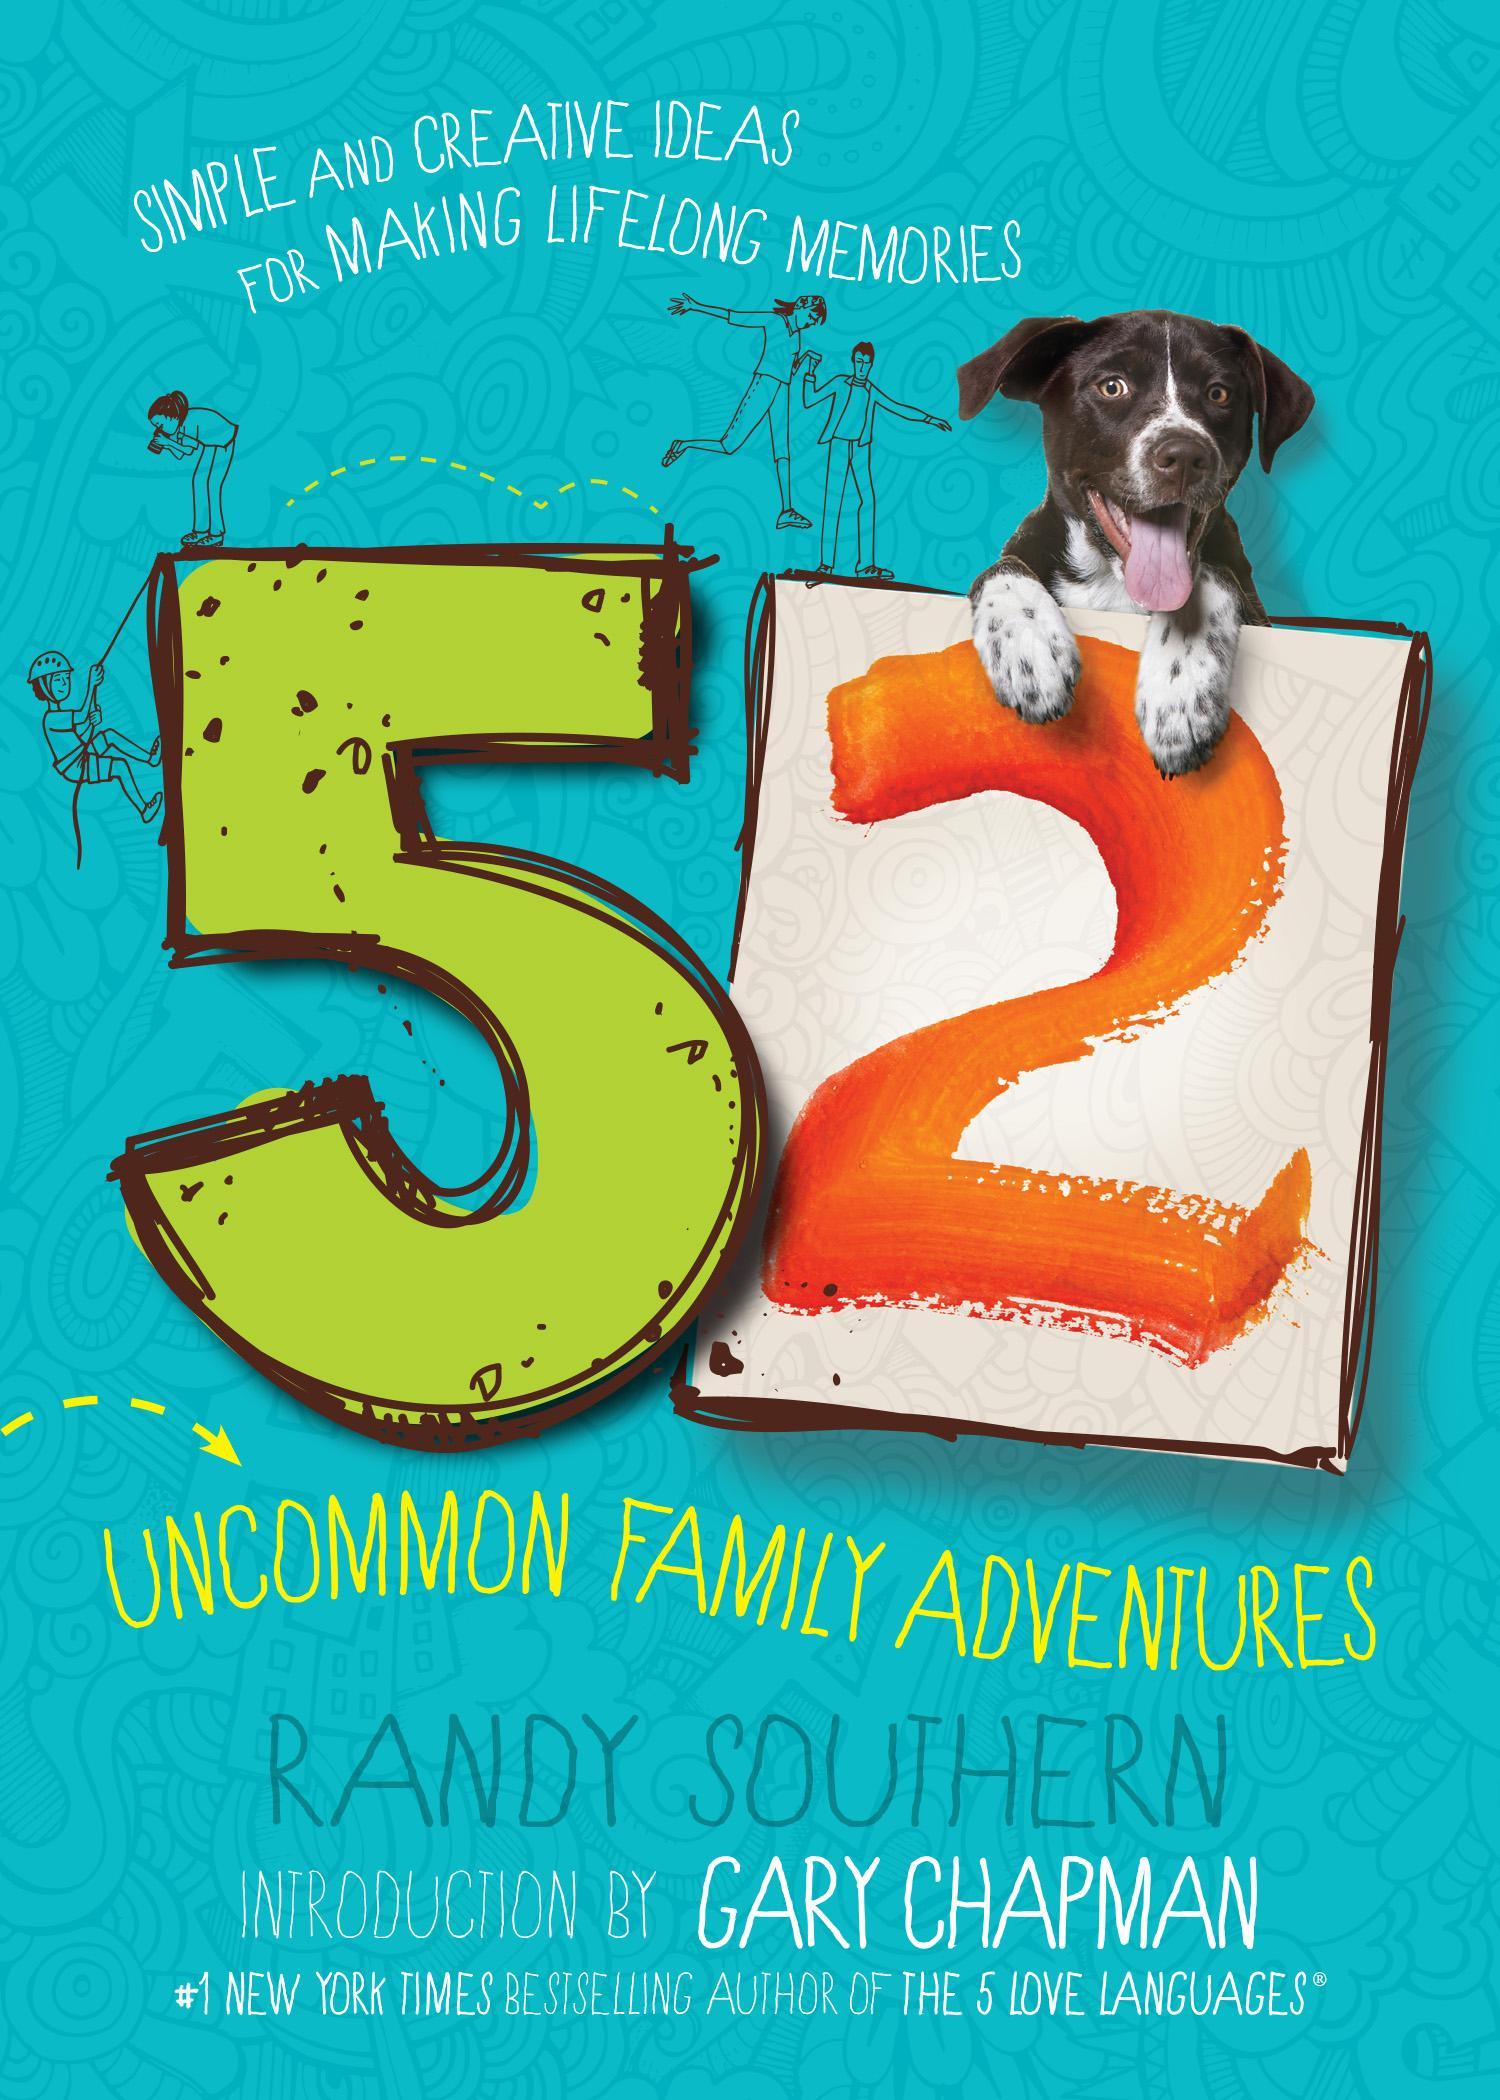 52 Uncommon Family Adventures